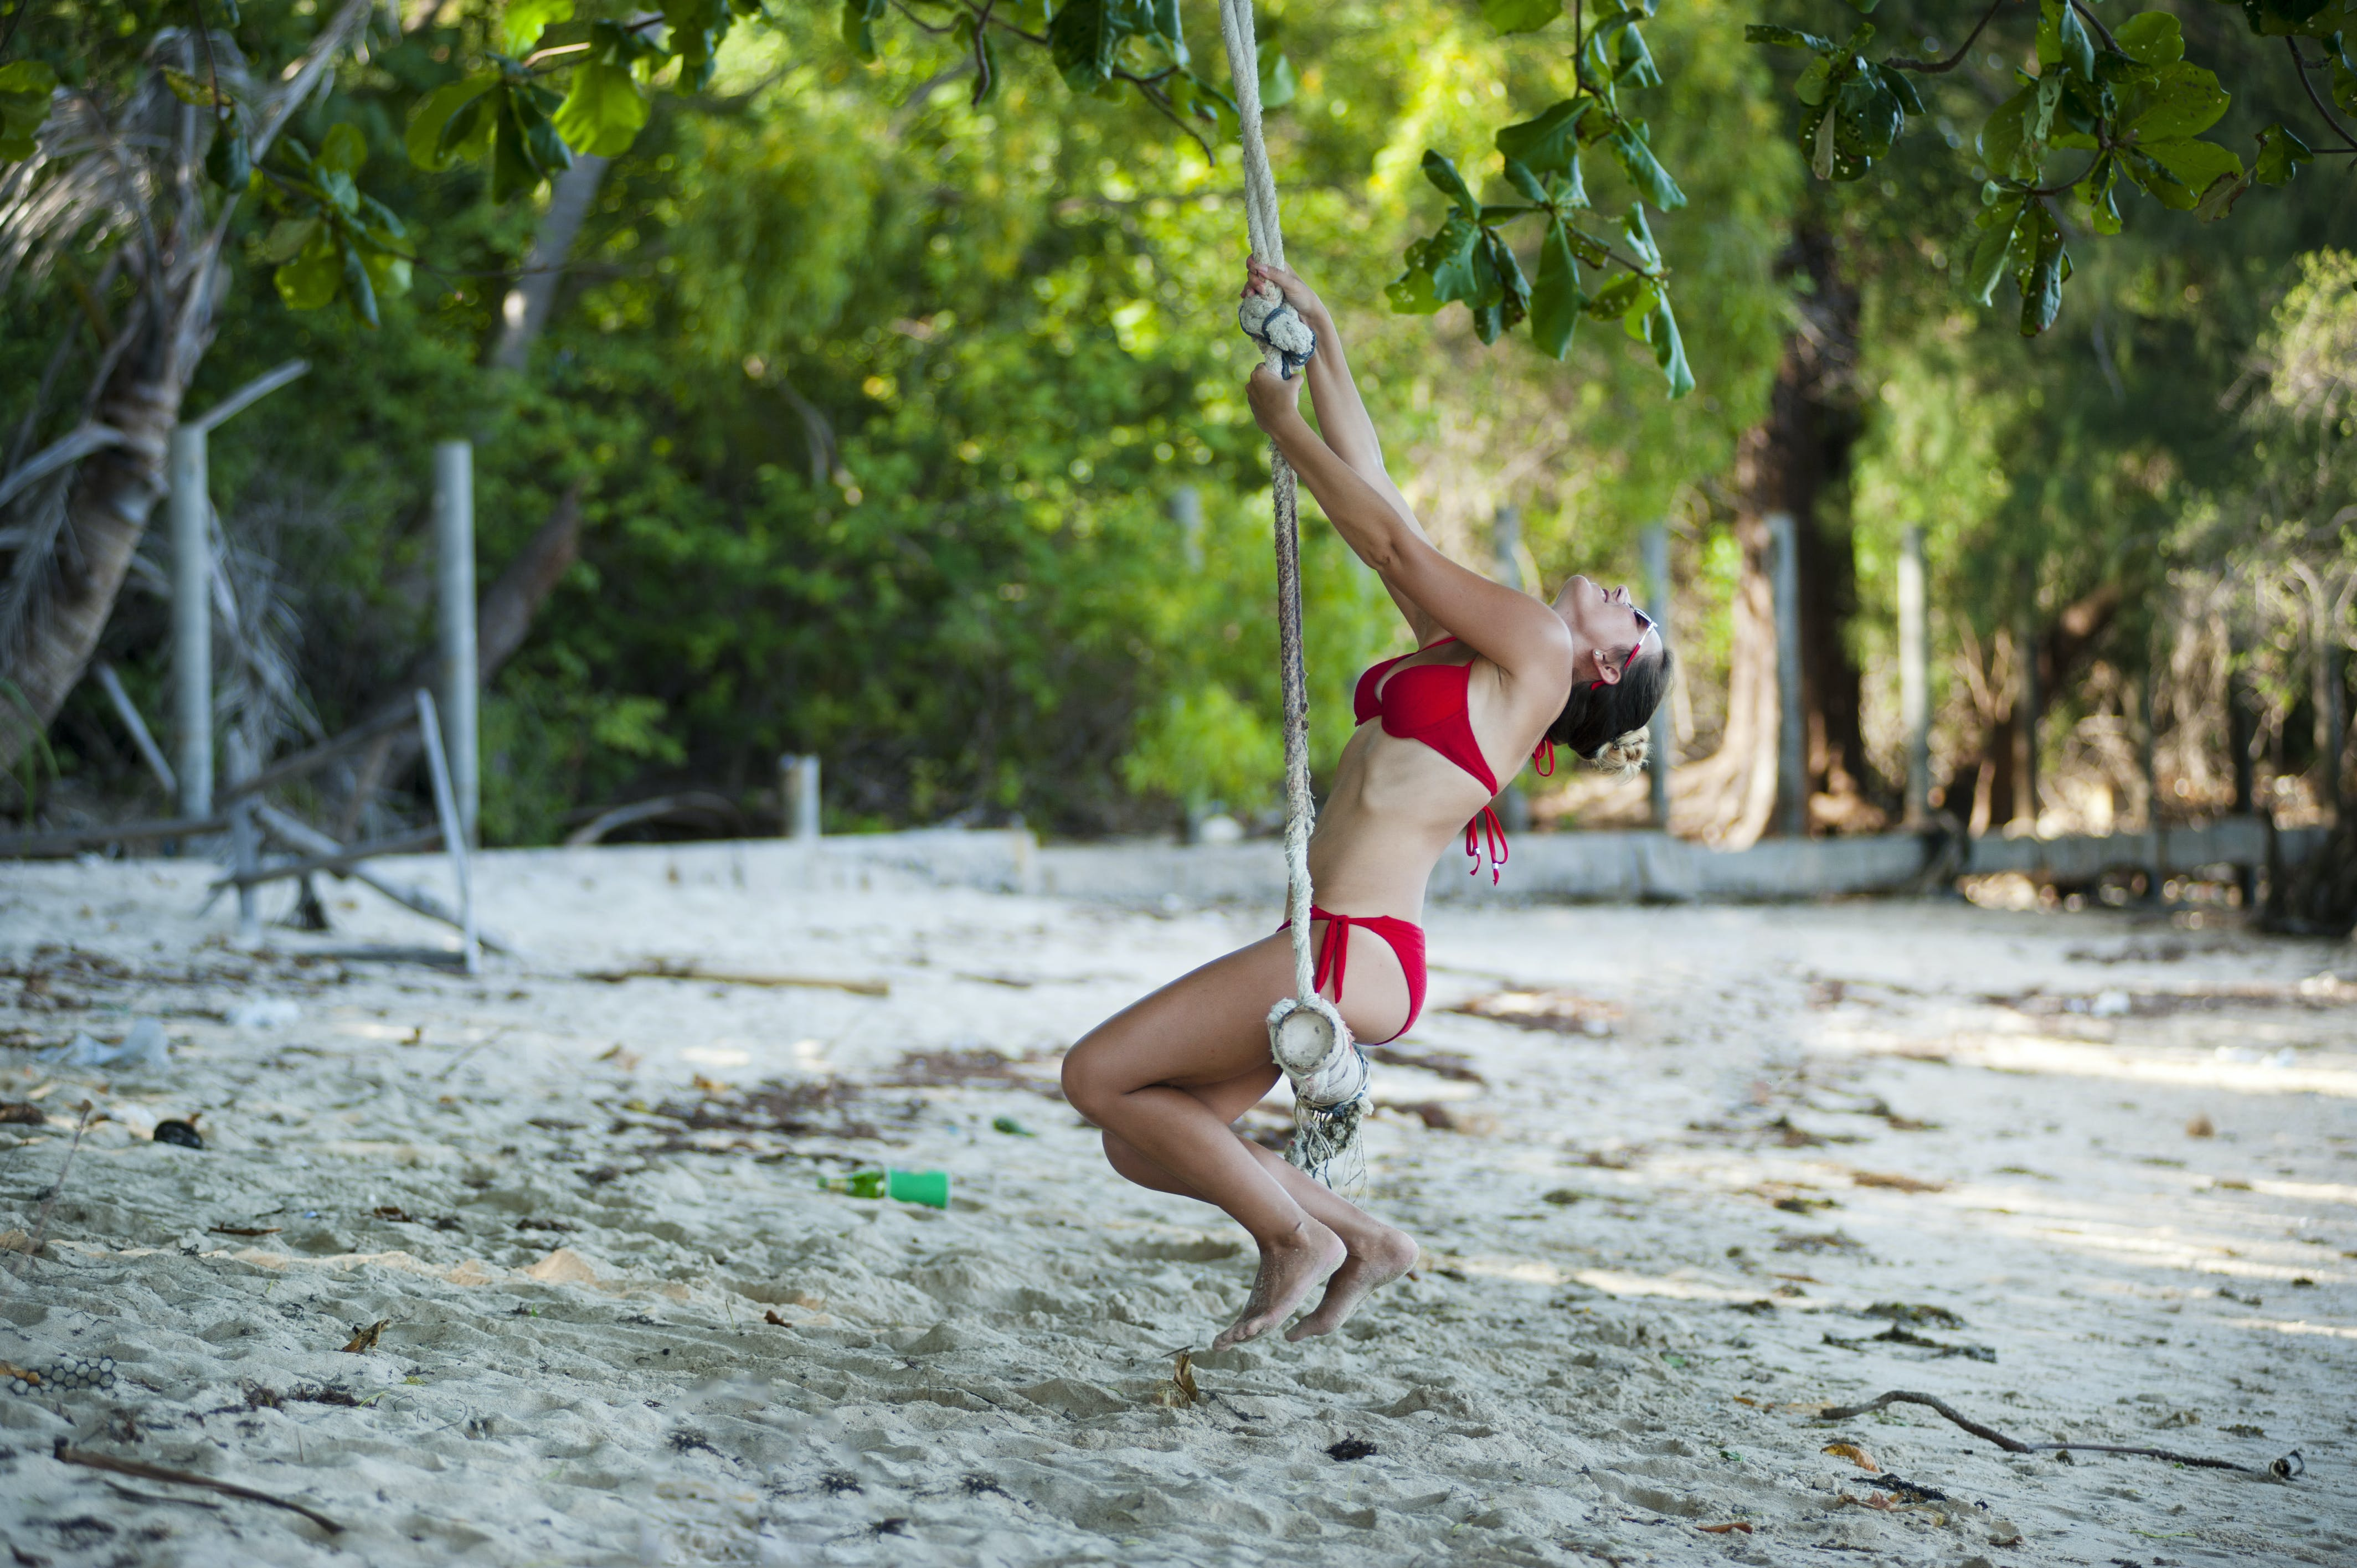 Woman Wearing Red Bikini Swinging